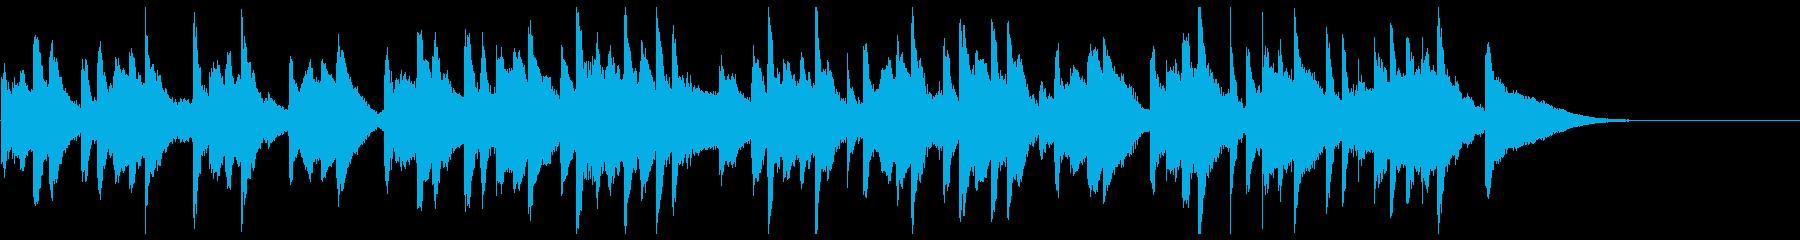 軽快なマリンバが楽しい20秒楽曲の再生済みの波形